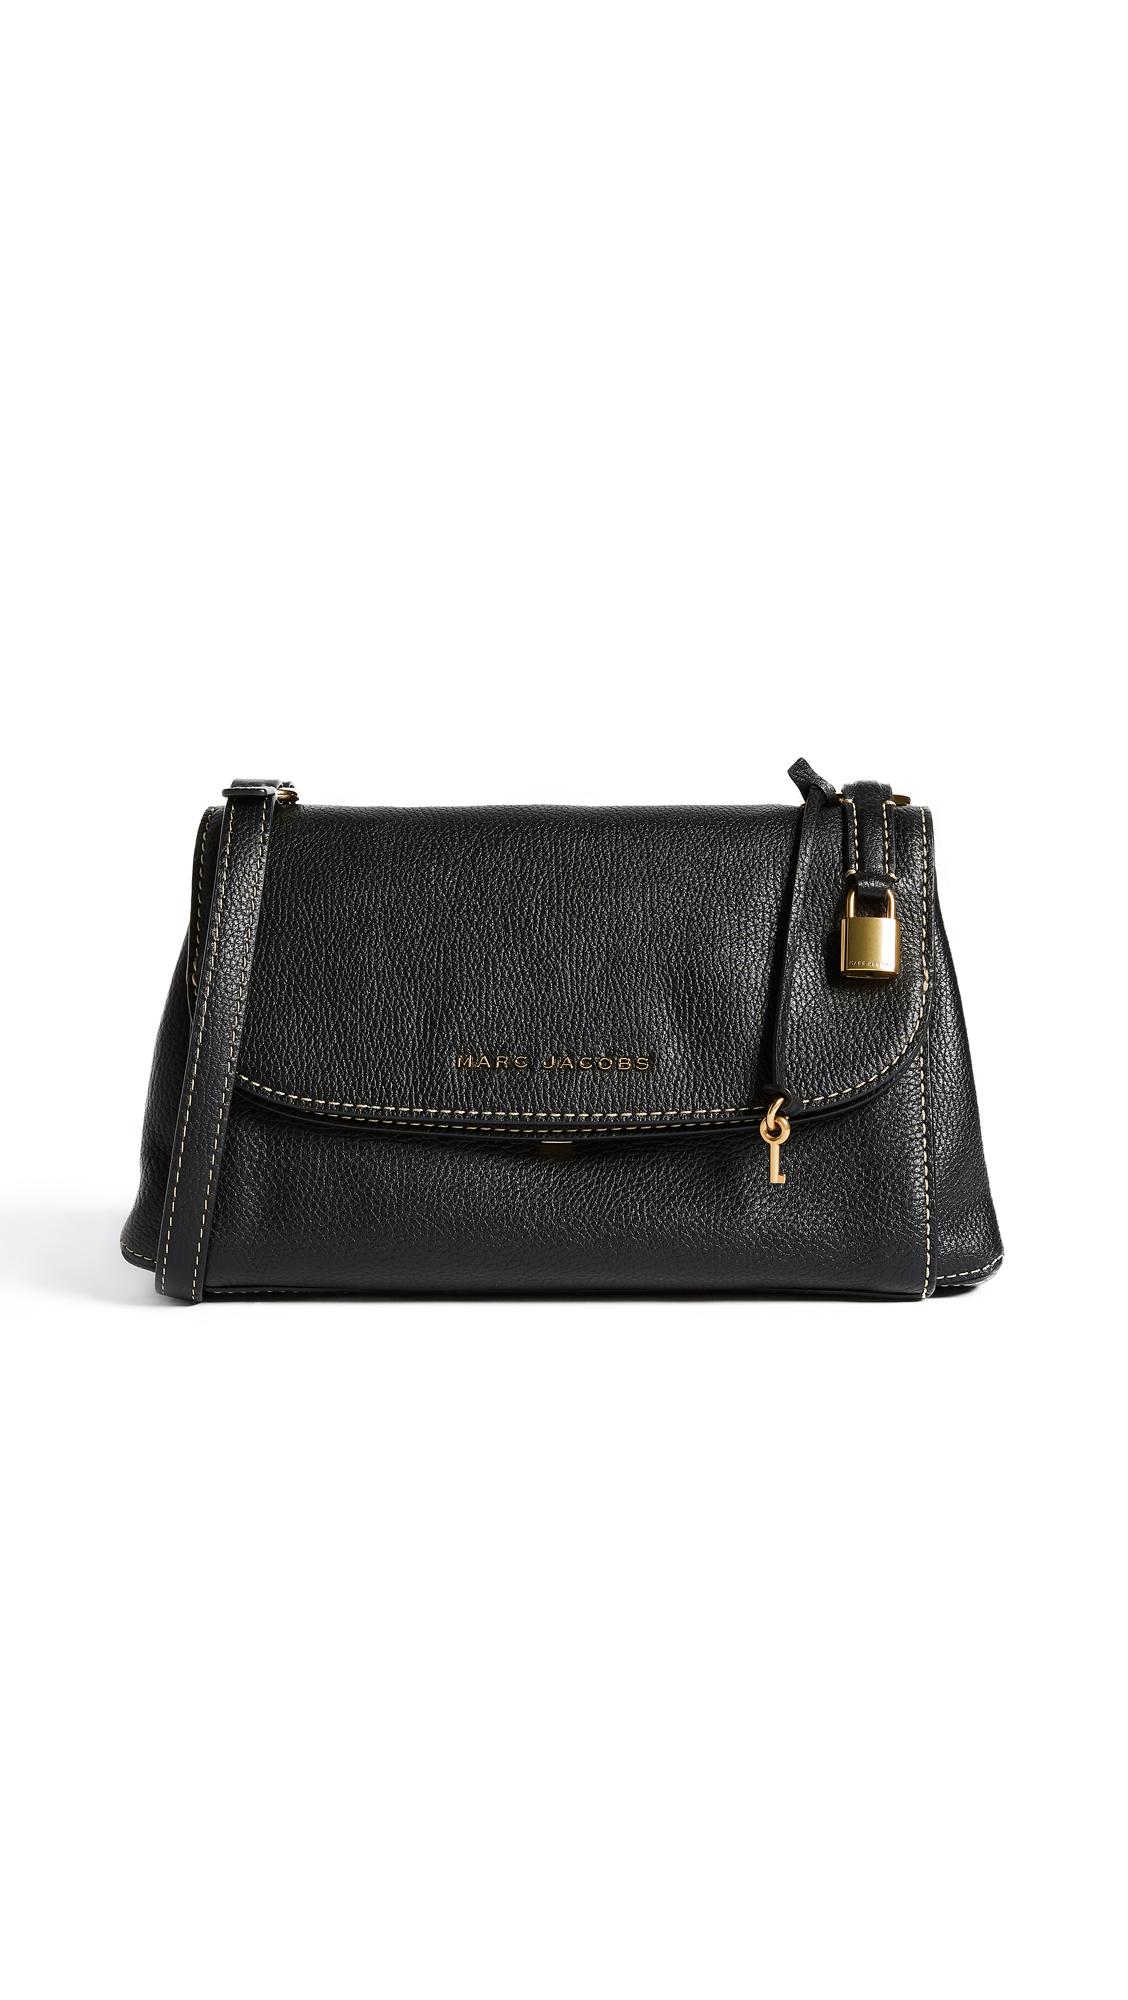 Marc Jacobs Boho Grind Shoulder Bag - Black/Gold